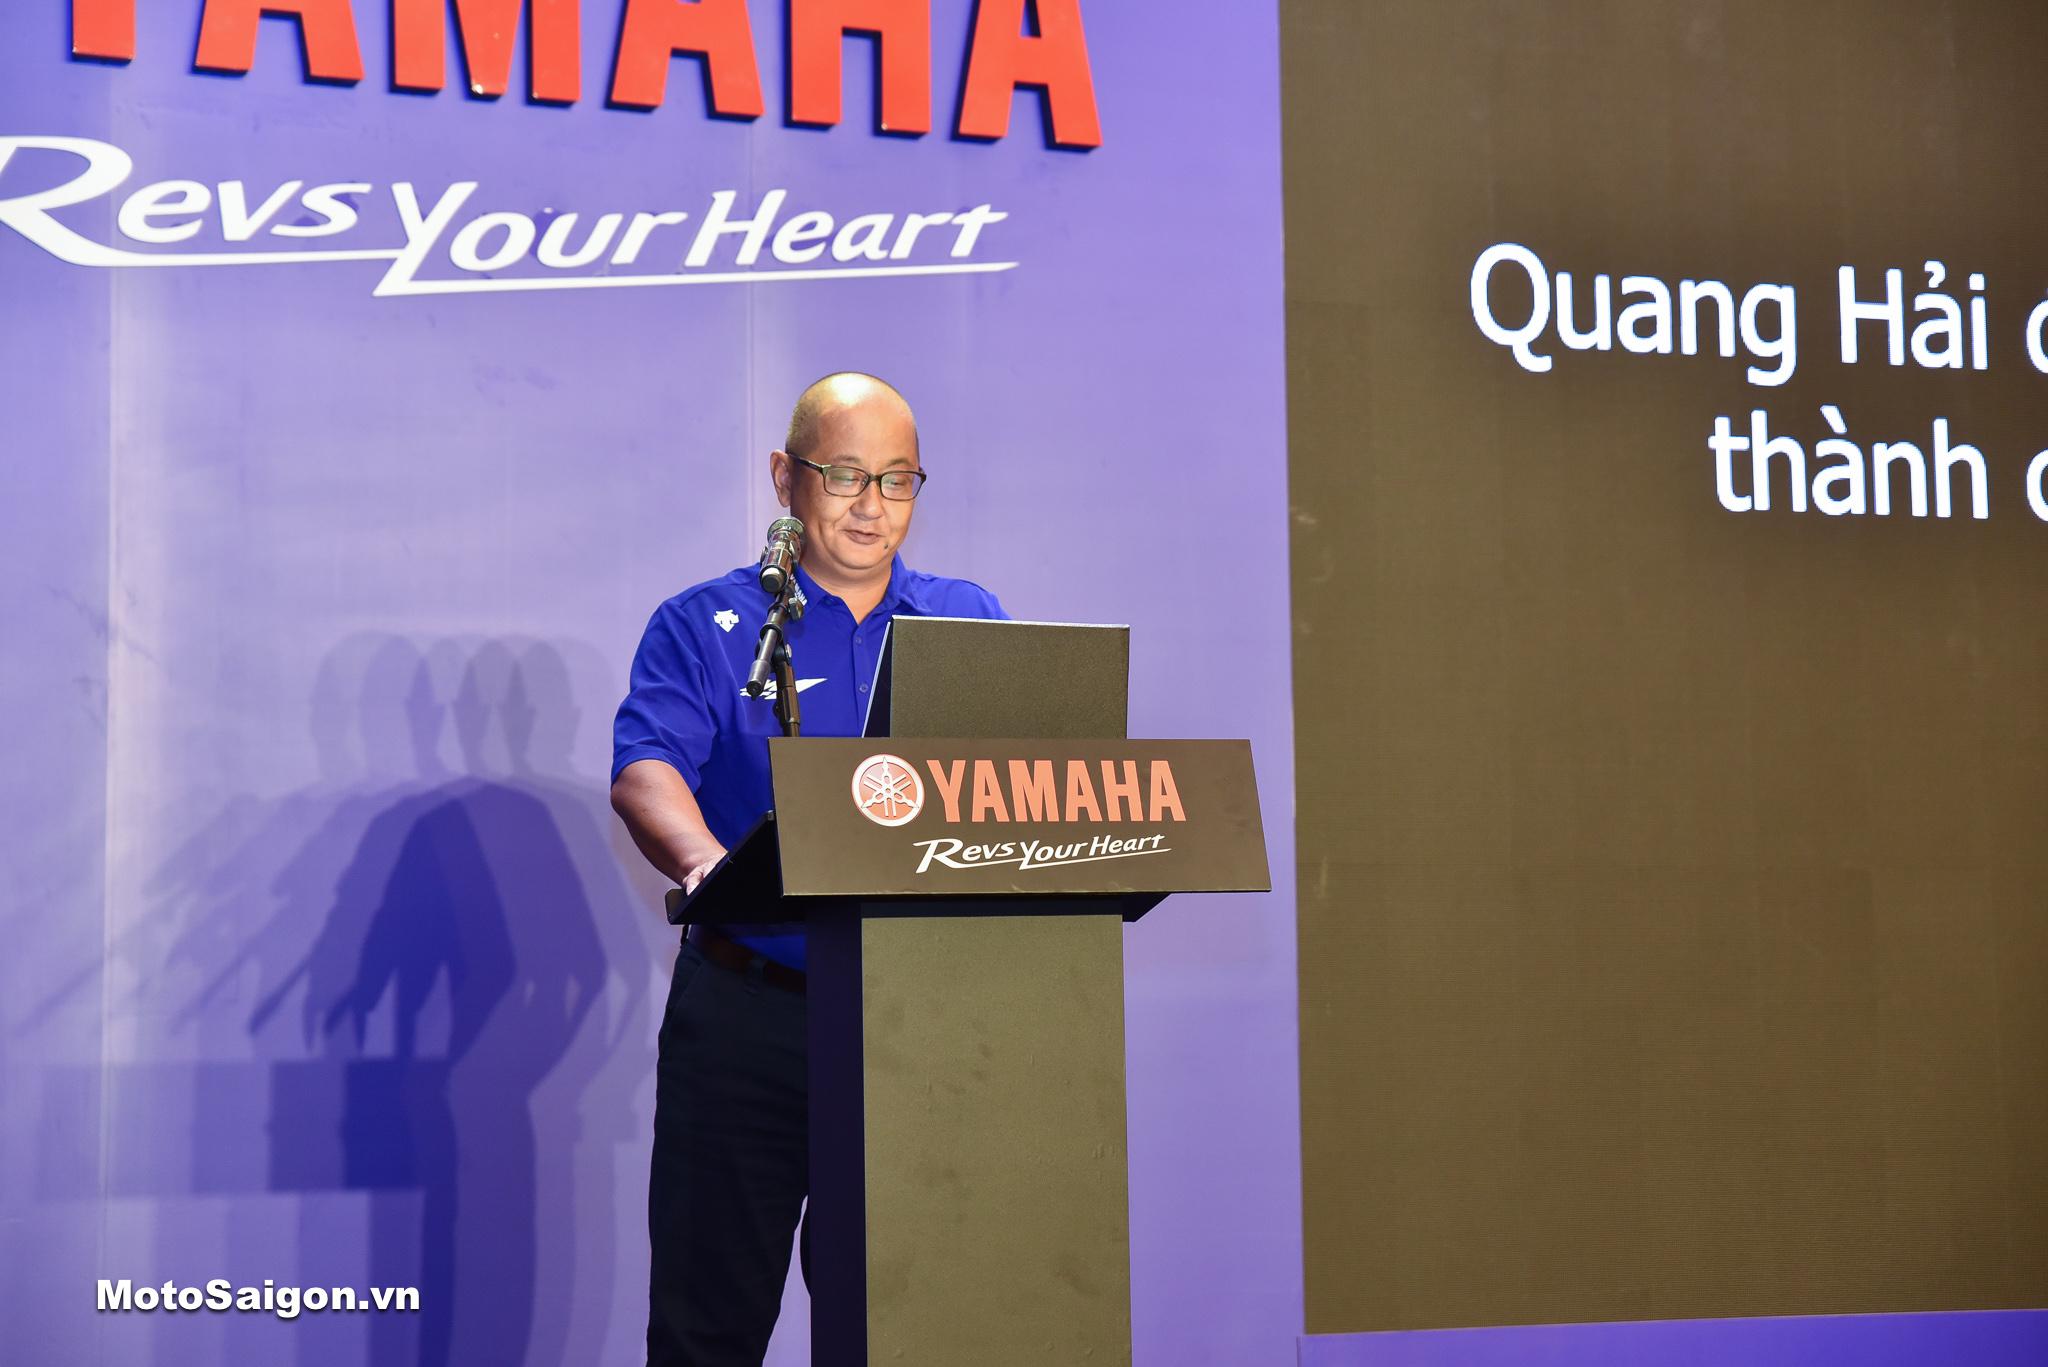 Ông Kawano Toshiya, Tổng giám đốc Yamaha Motor Việt Nam phát biểu tại sự kiện